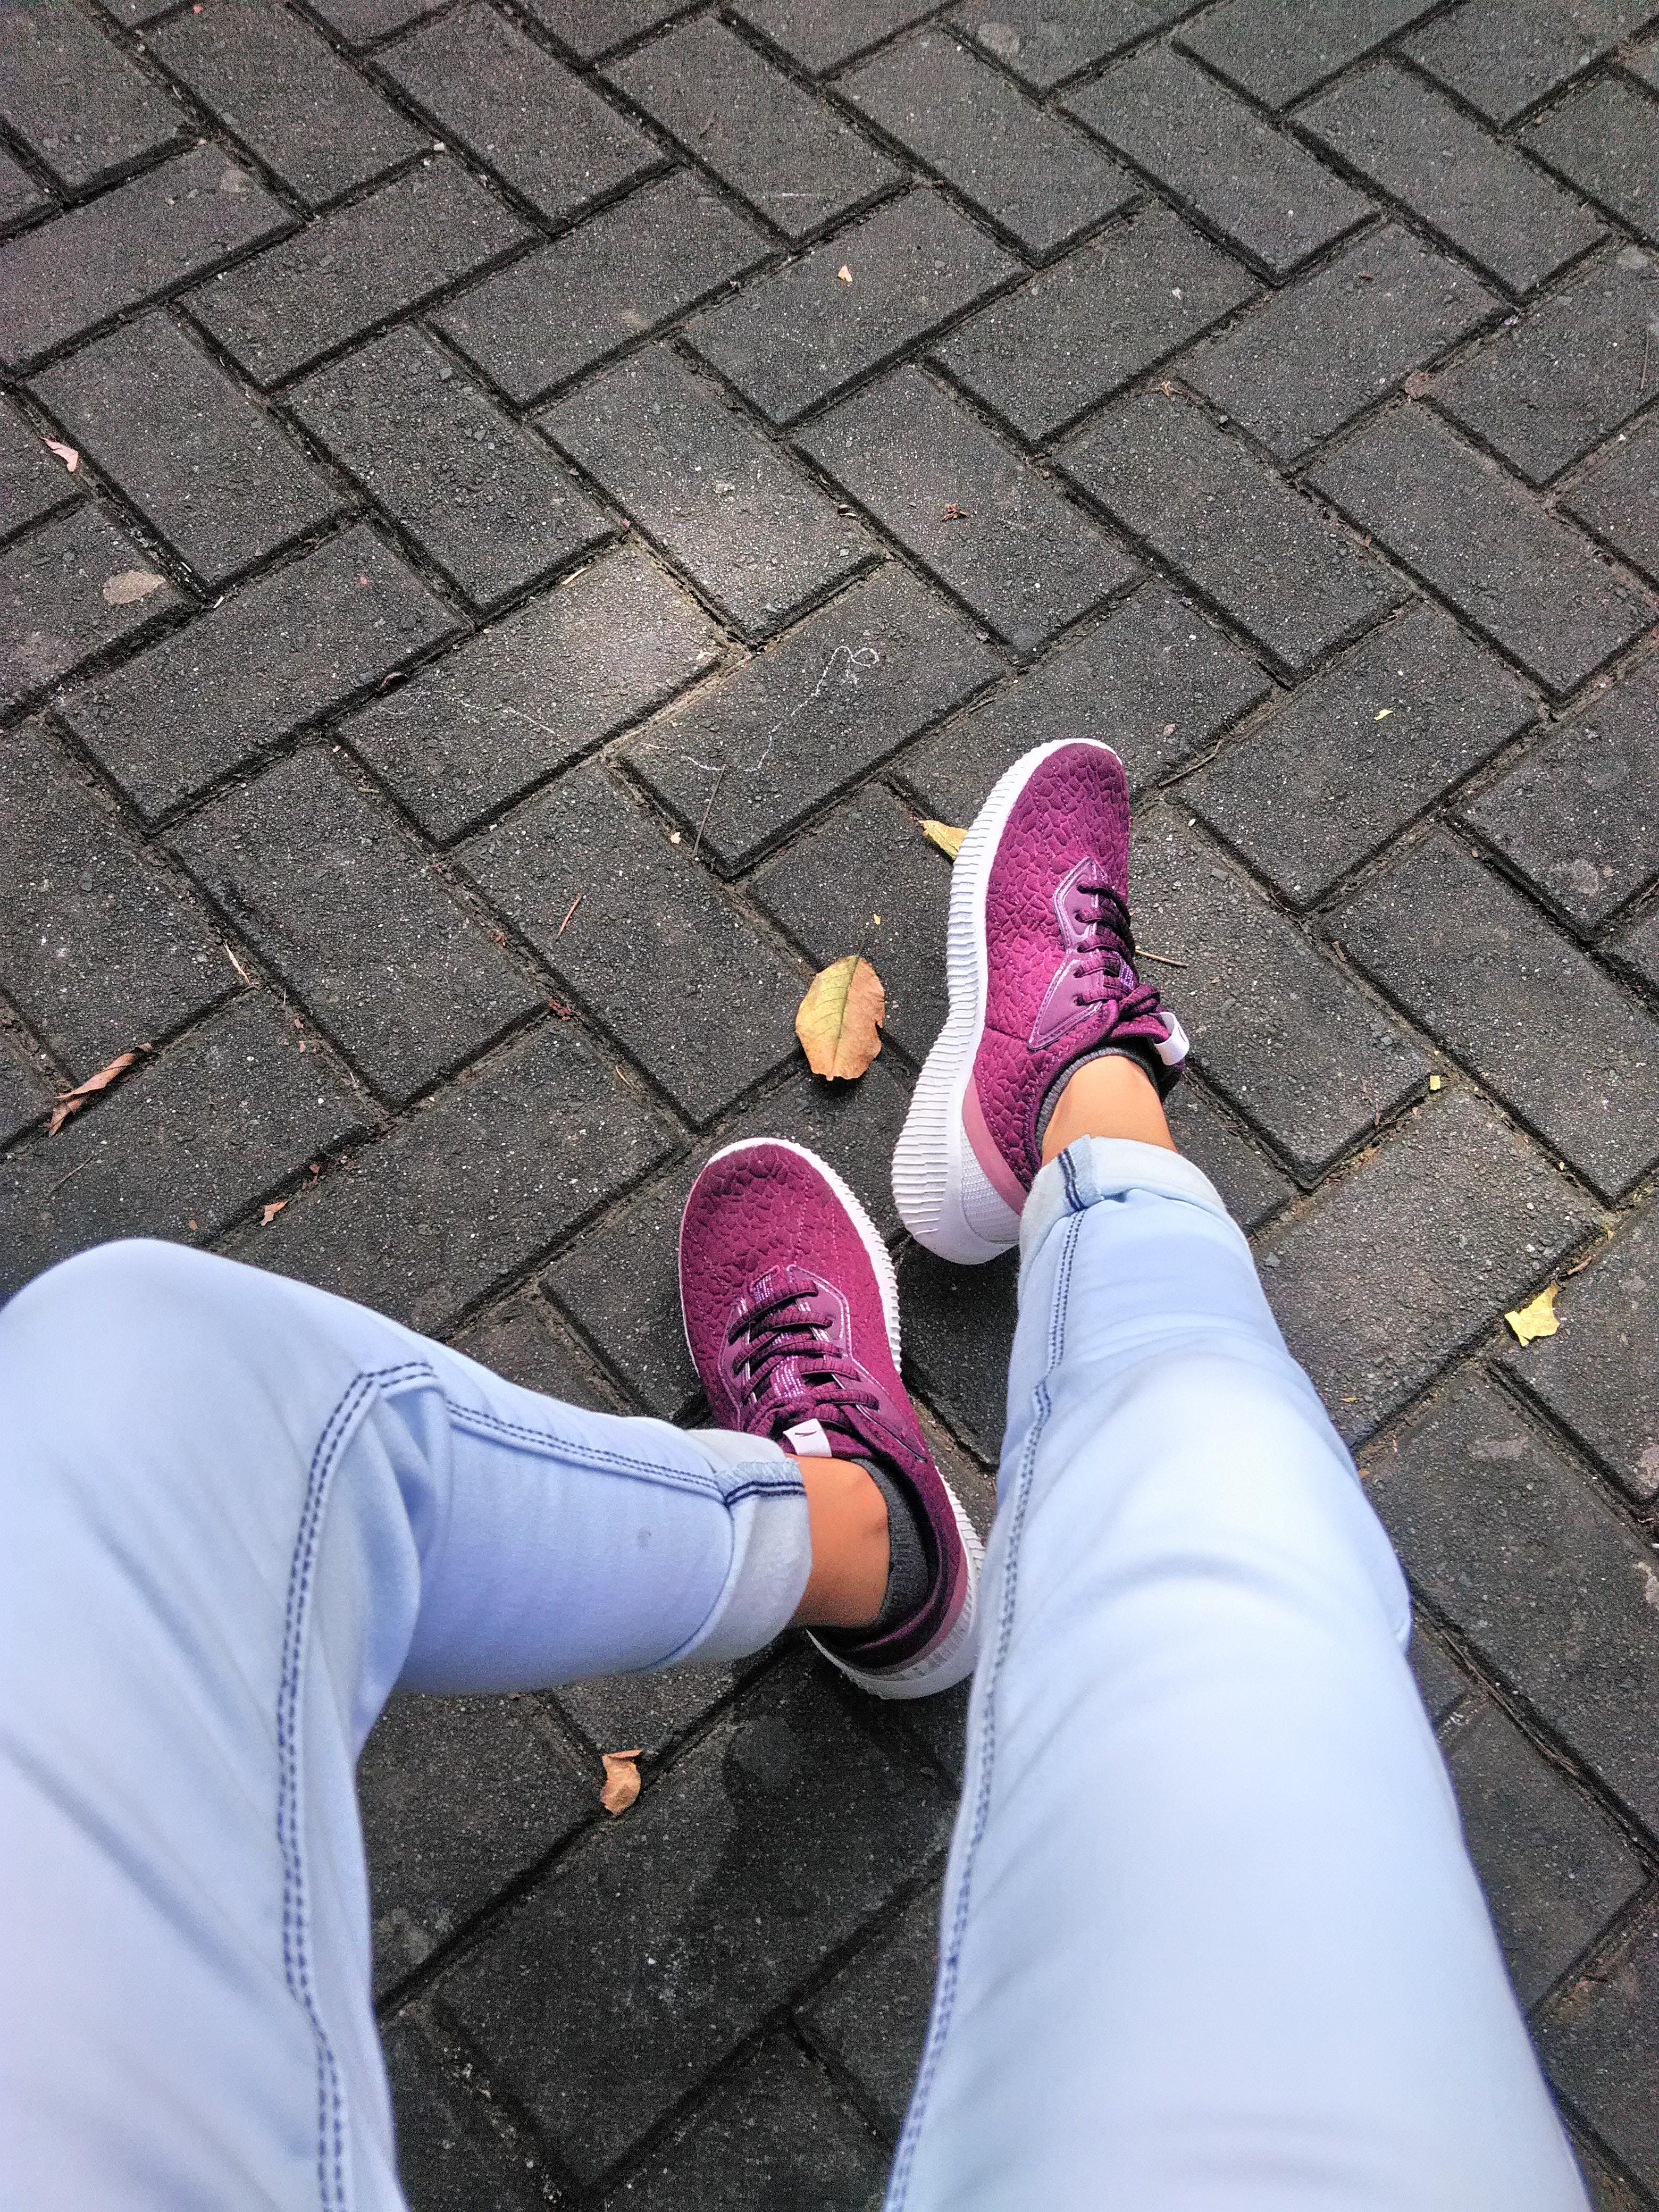 Girls Roller Skating Shoes